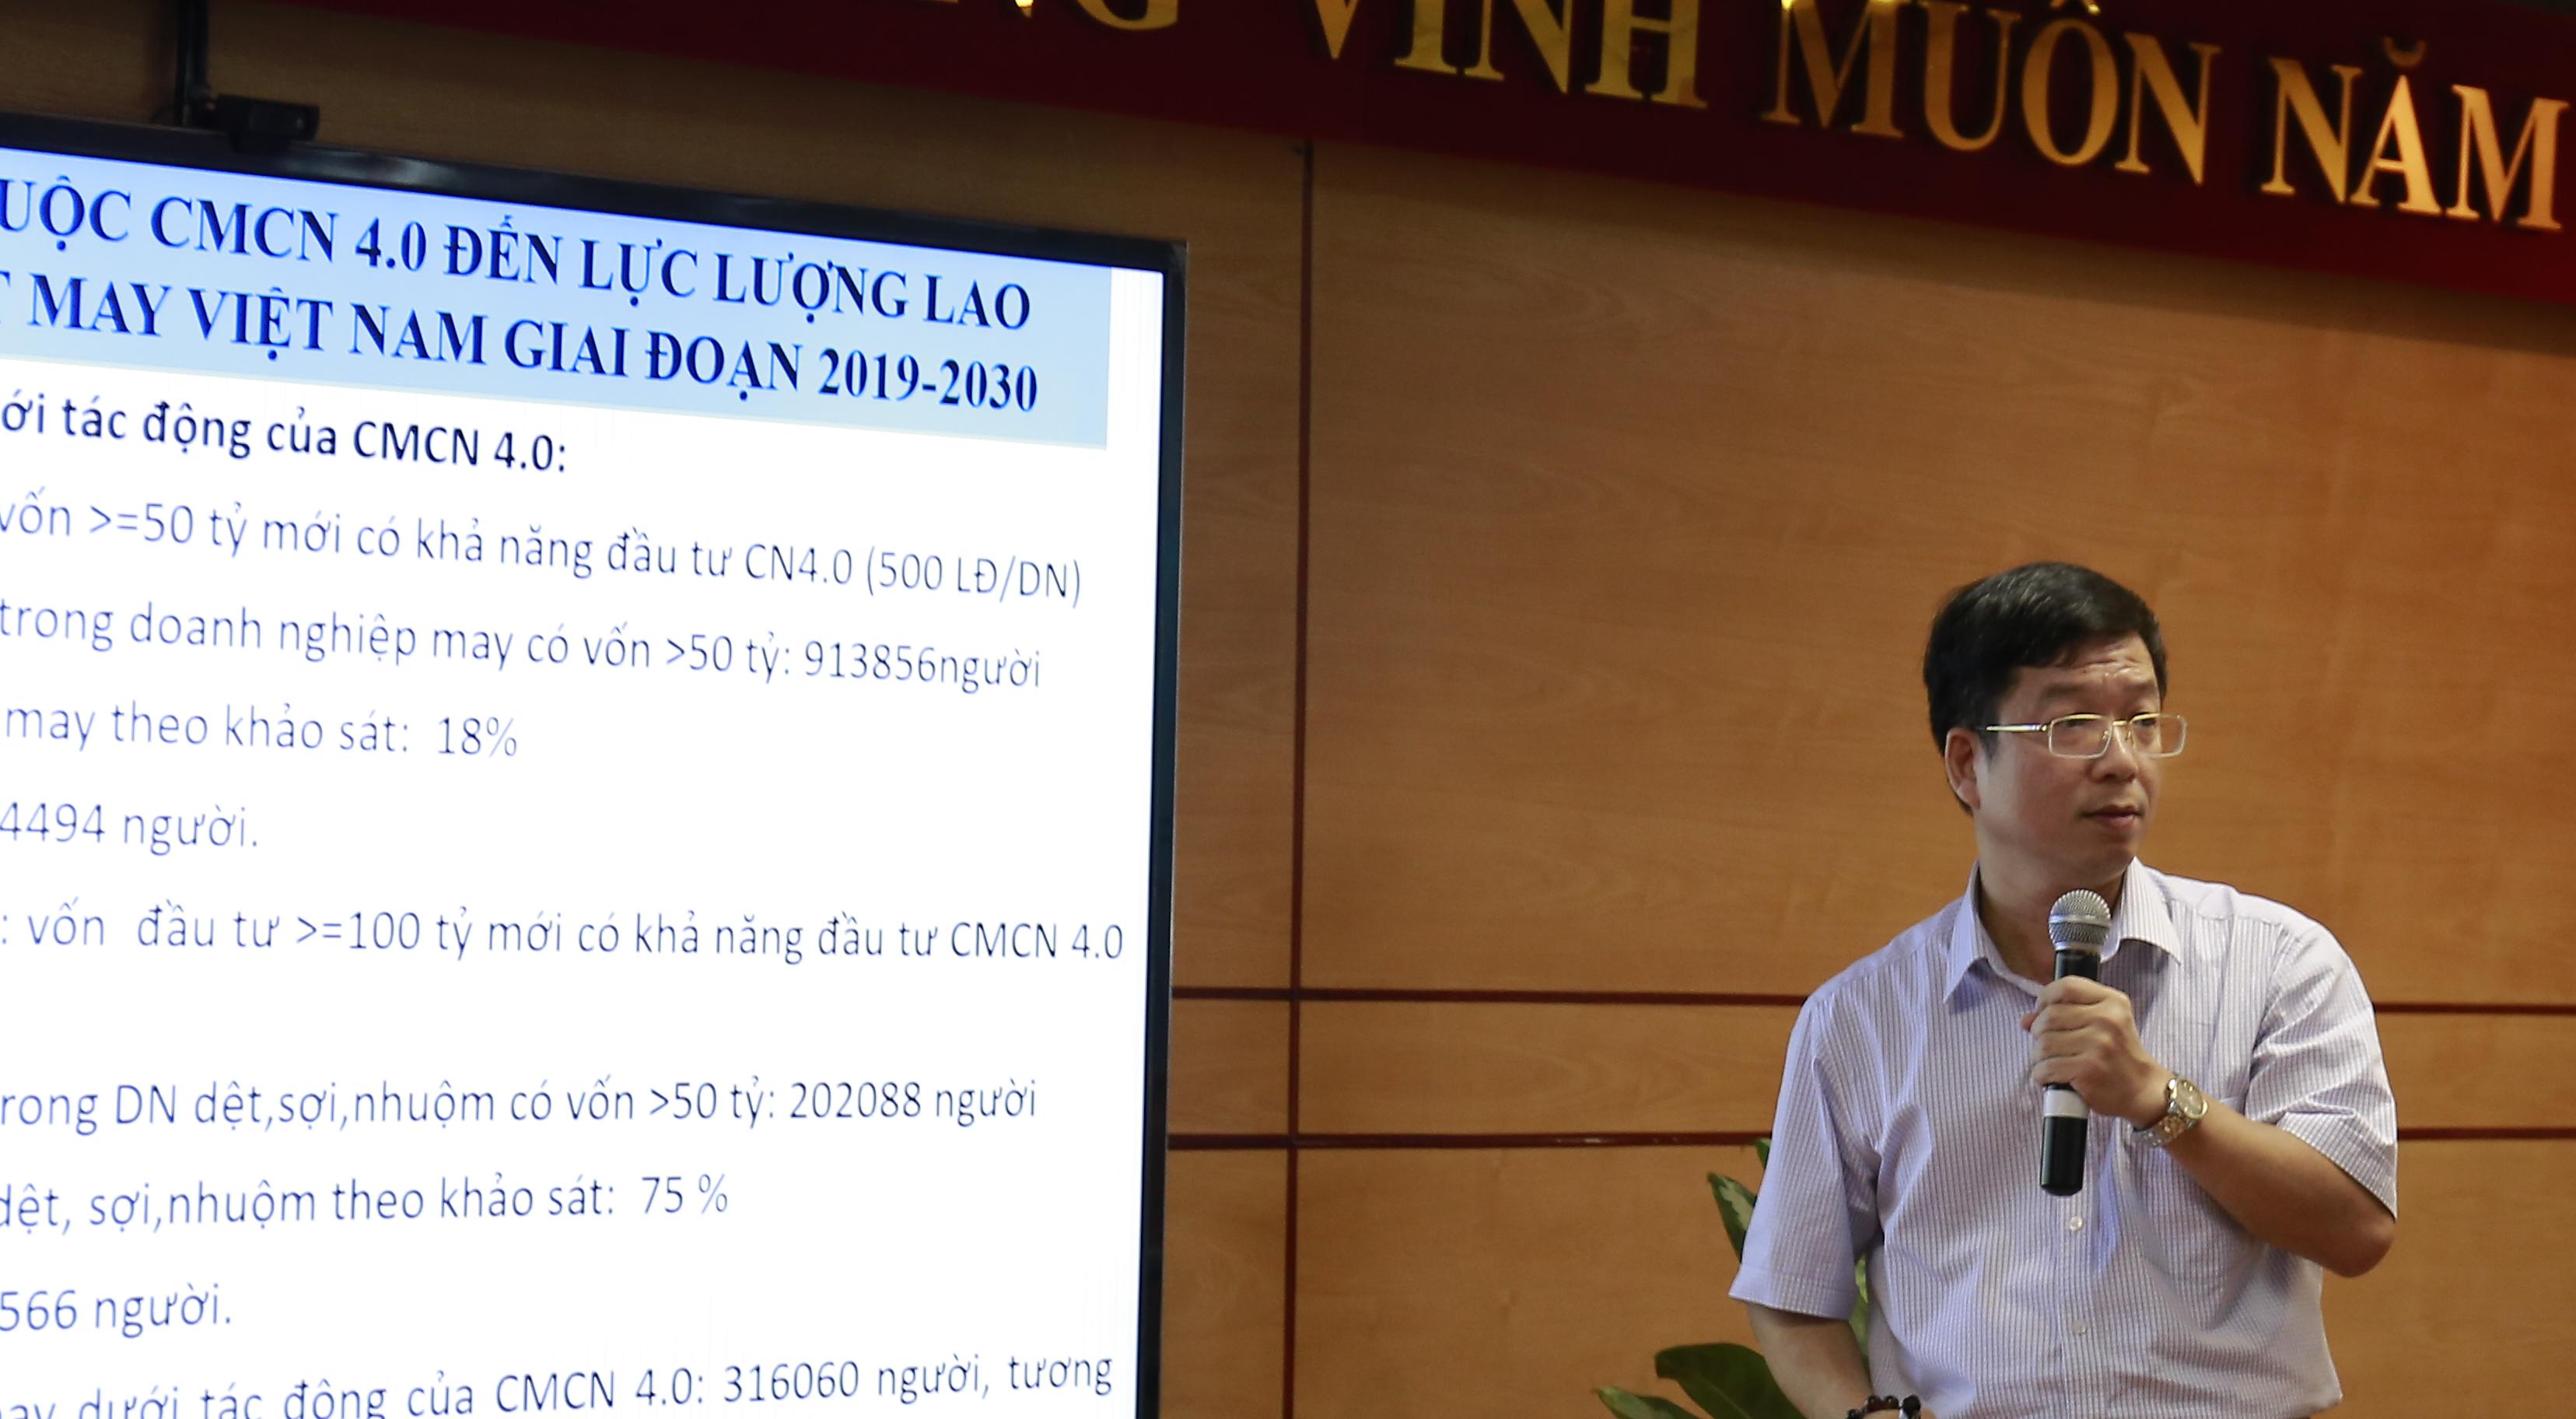 TS. Hoàng Xuân Hiệp, Hiệu trưởng trường đại học Dệt may Việt Nam